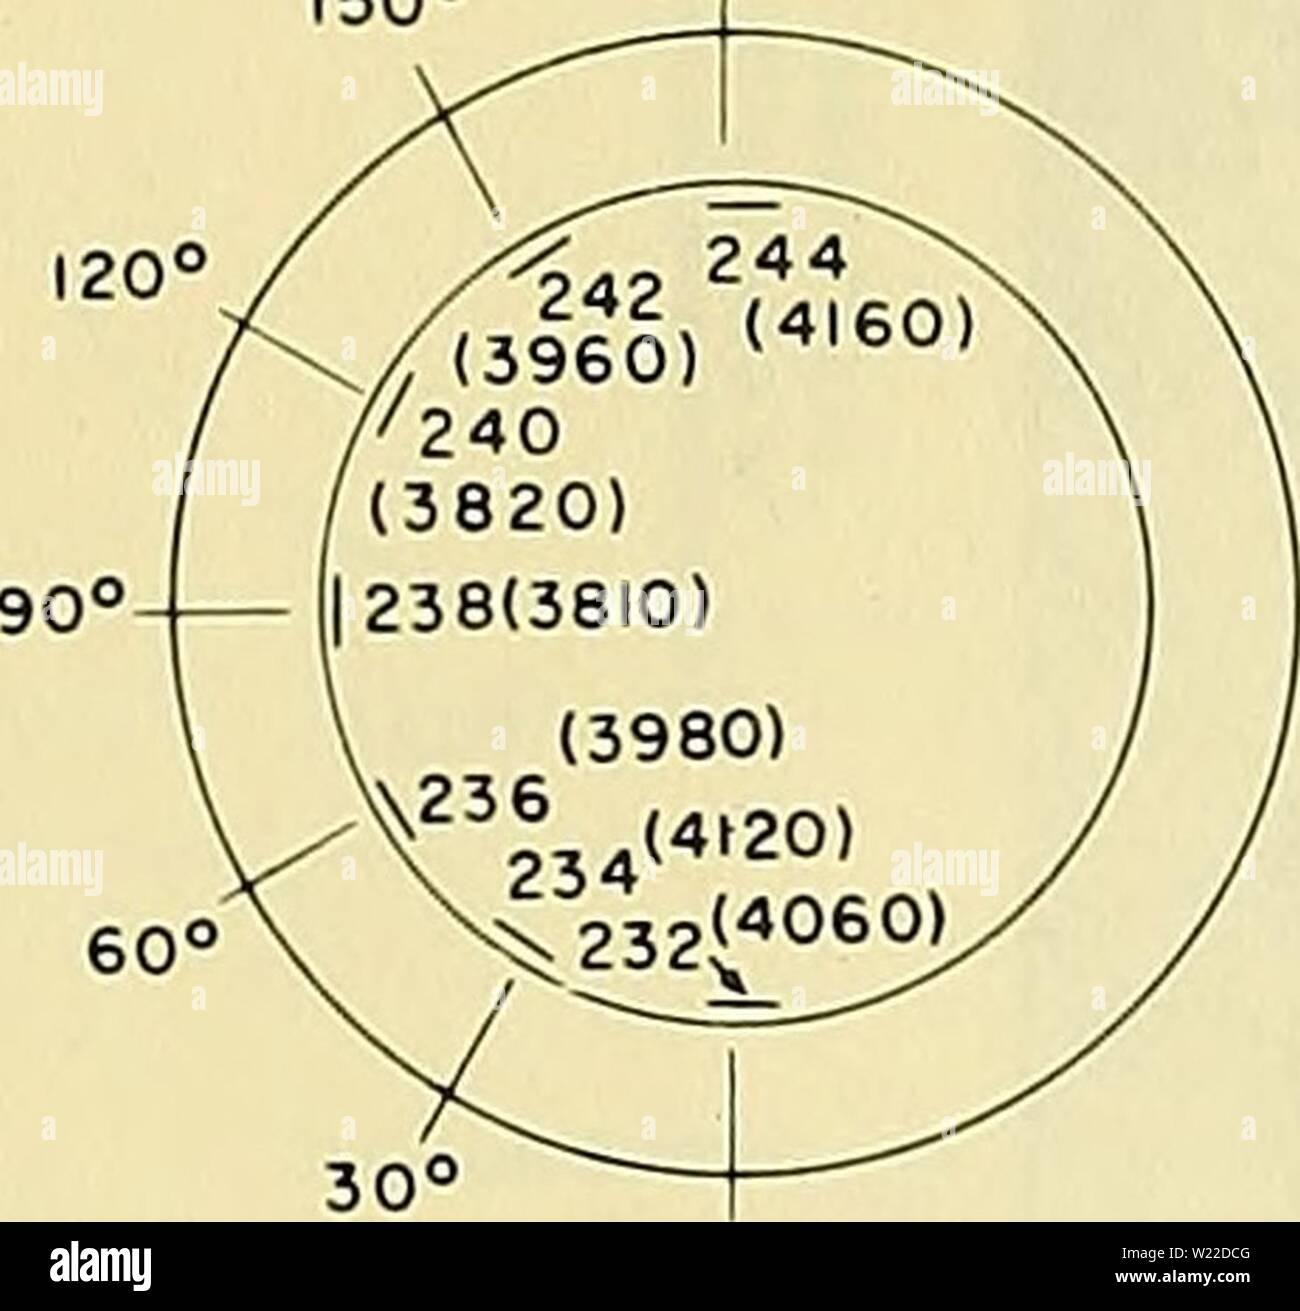 Immagine di archivio da pagina 11 di caricamento ciclico studi di due. Caricamento ciclico studi di composito di due modelli di costruzione cyclicloadingstu00prof Anno: 1964 Figura 3 - Estensimetro posizioni e ceppi a 4450 PSI anche estensimetri numerati sono circonferenziali numerate dispari estensimetri sono longitudinali -±9- + + + + + r/////Kr//y//H:y// SS O o S:II2 o 1 Immagini Stock